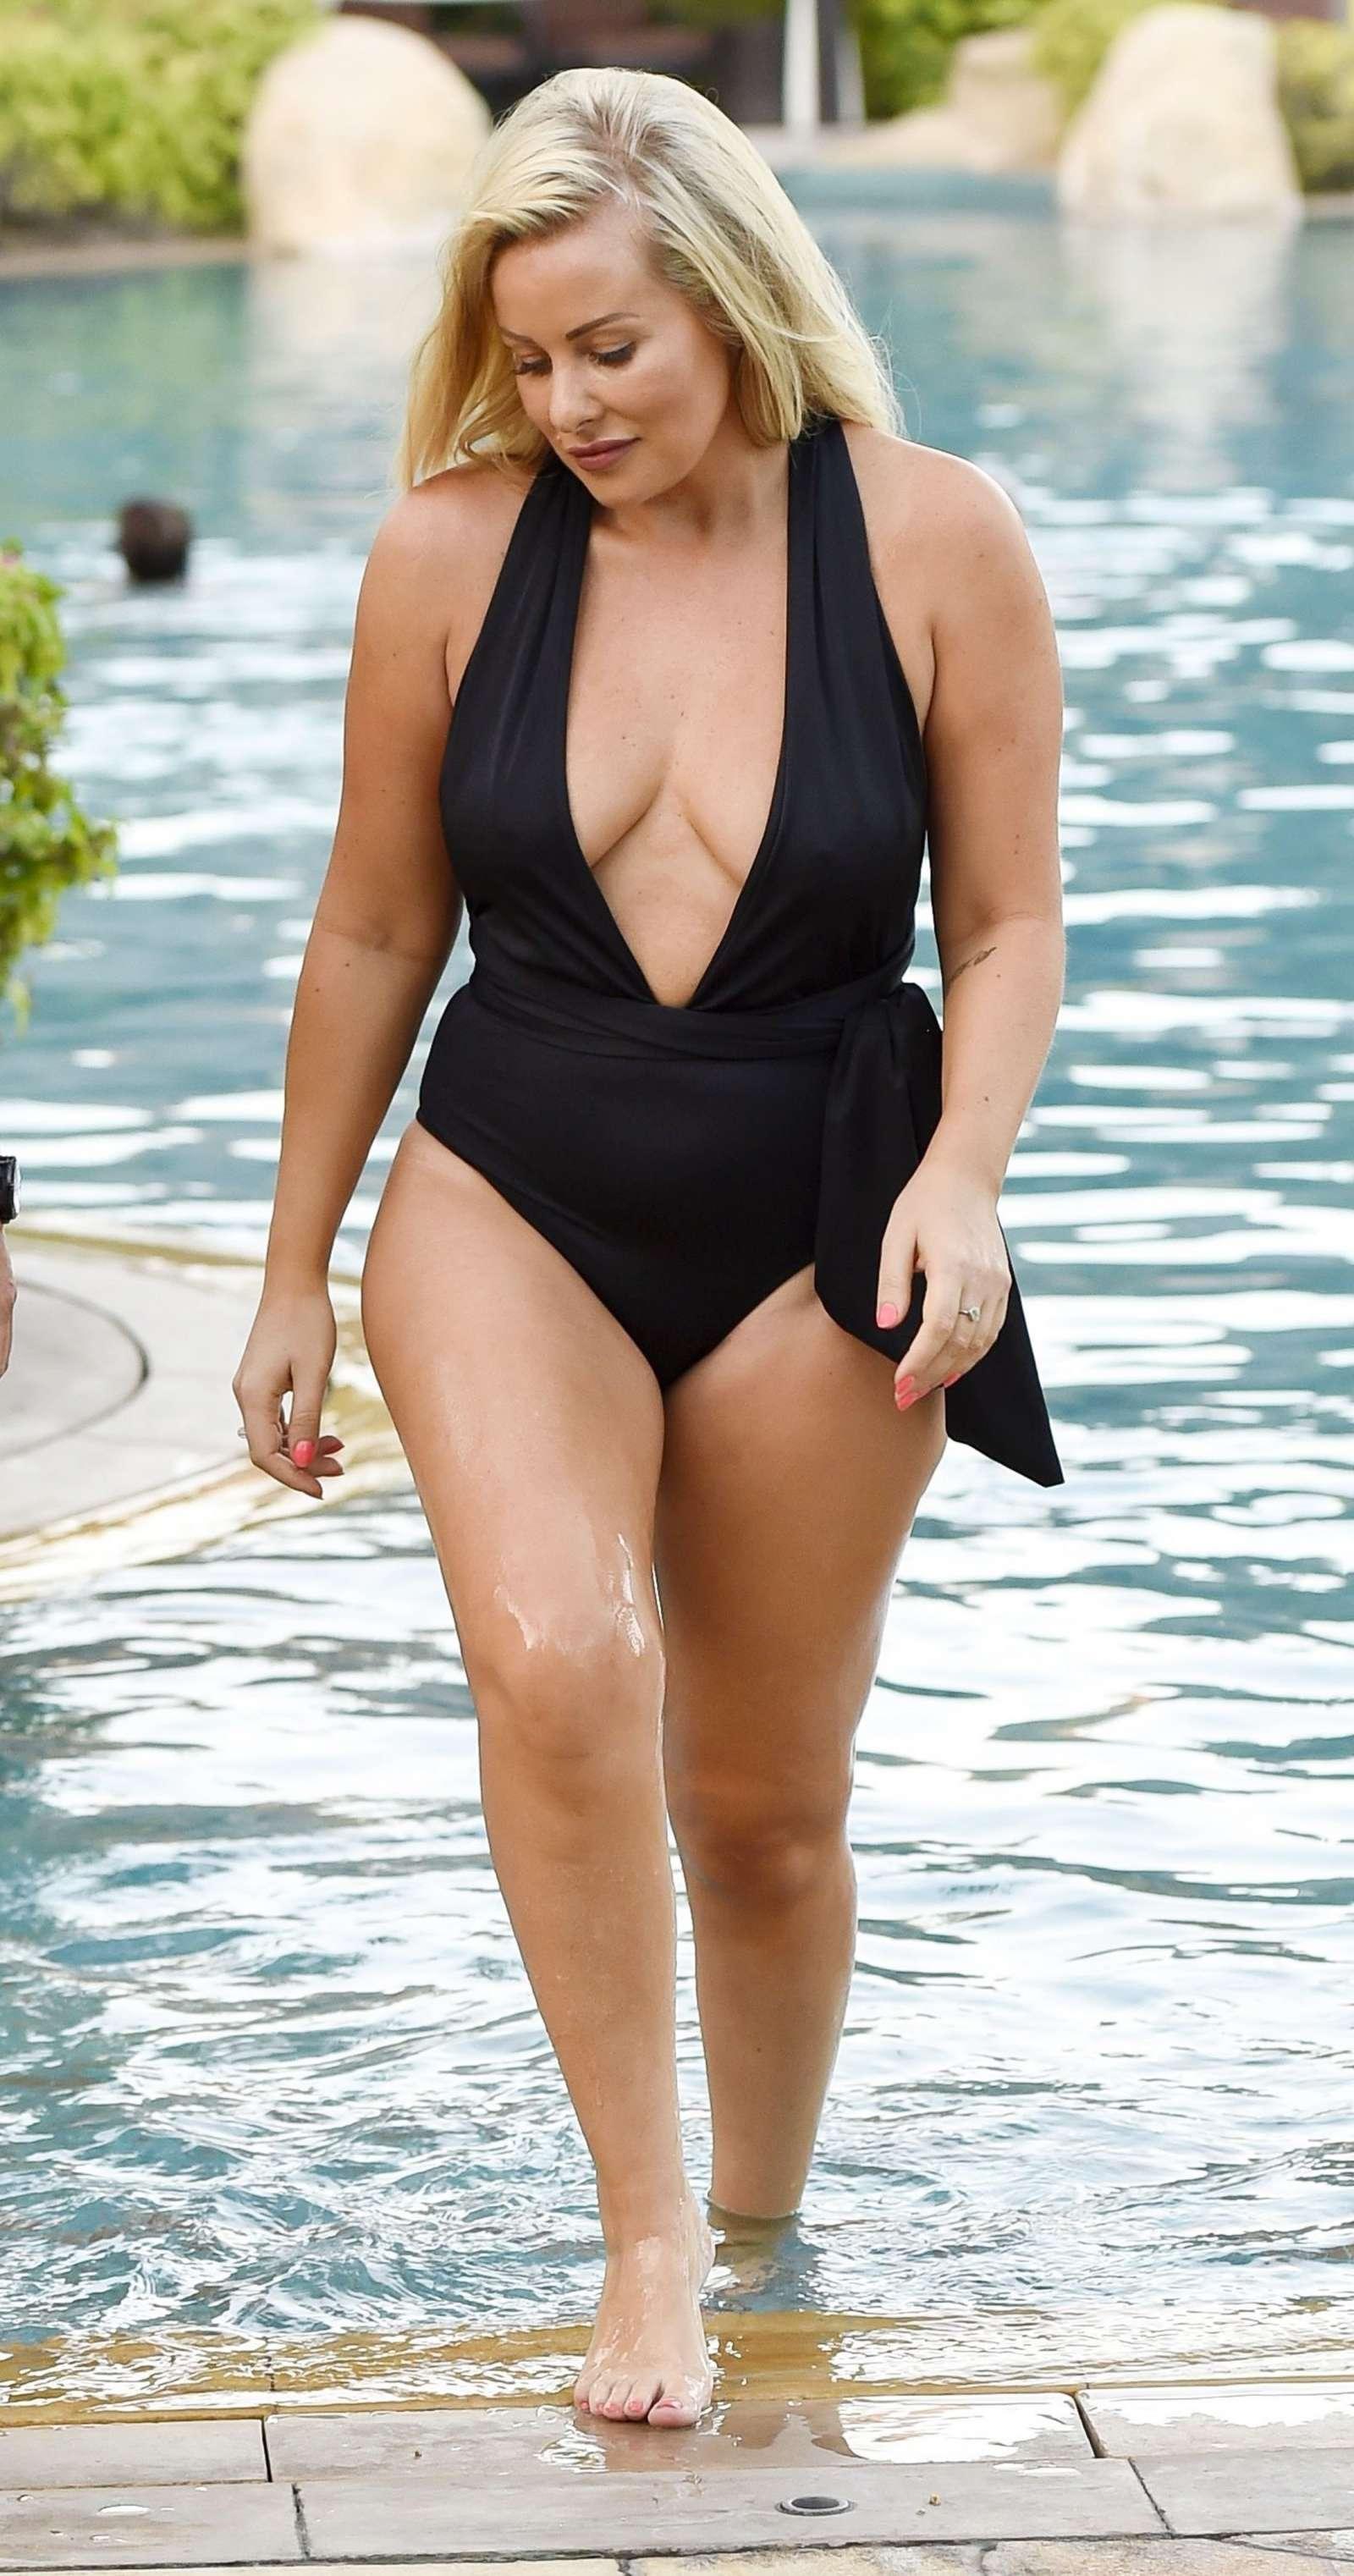 Snapchat Selina Waterman-Smith nudes (18 images), Bikini